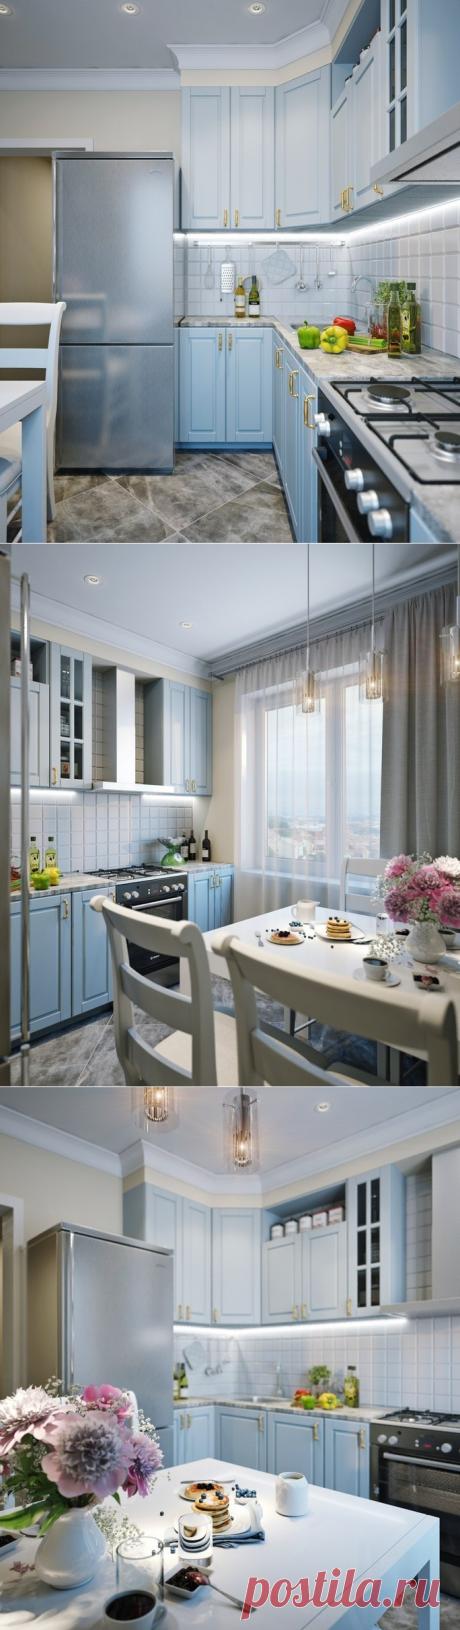 Голубая кухня 8 кв. м — Lodgers - Дизайн интерьера